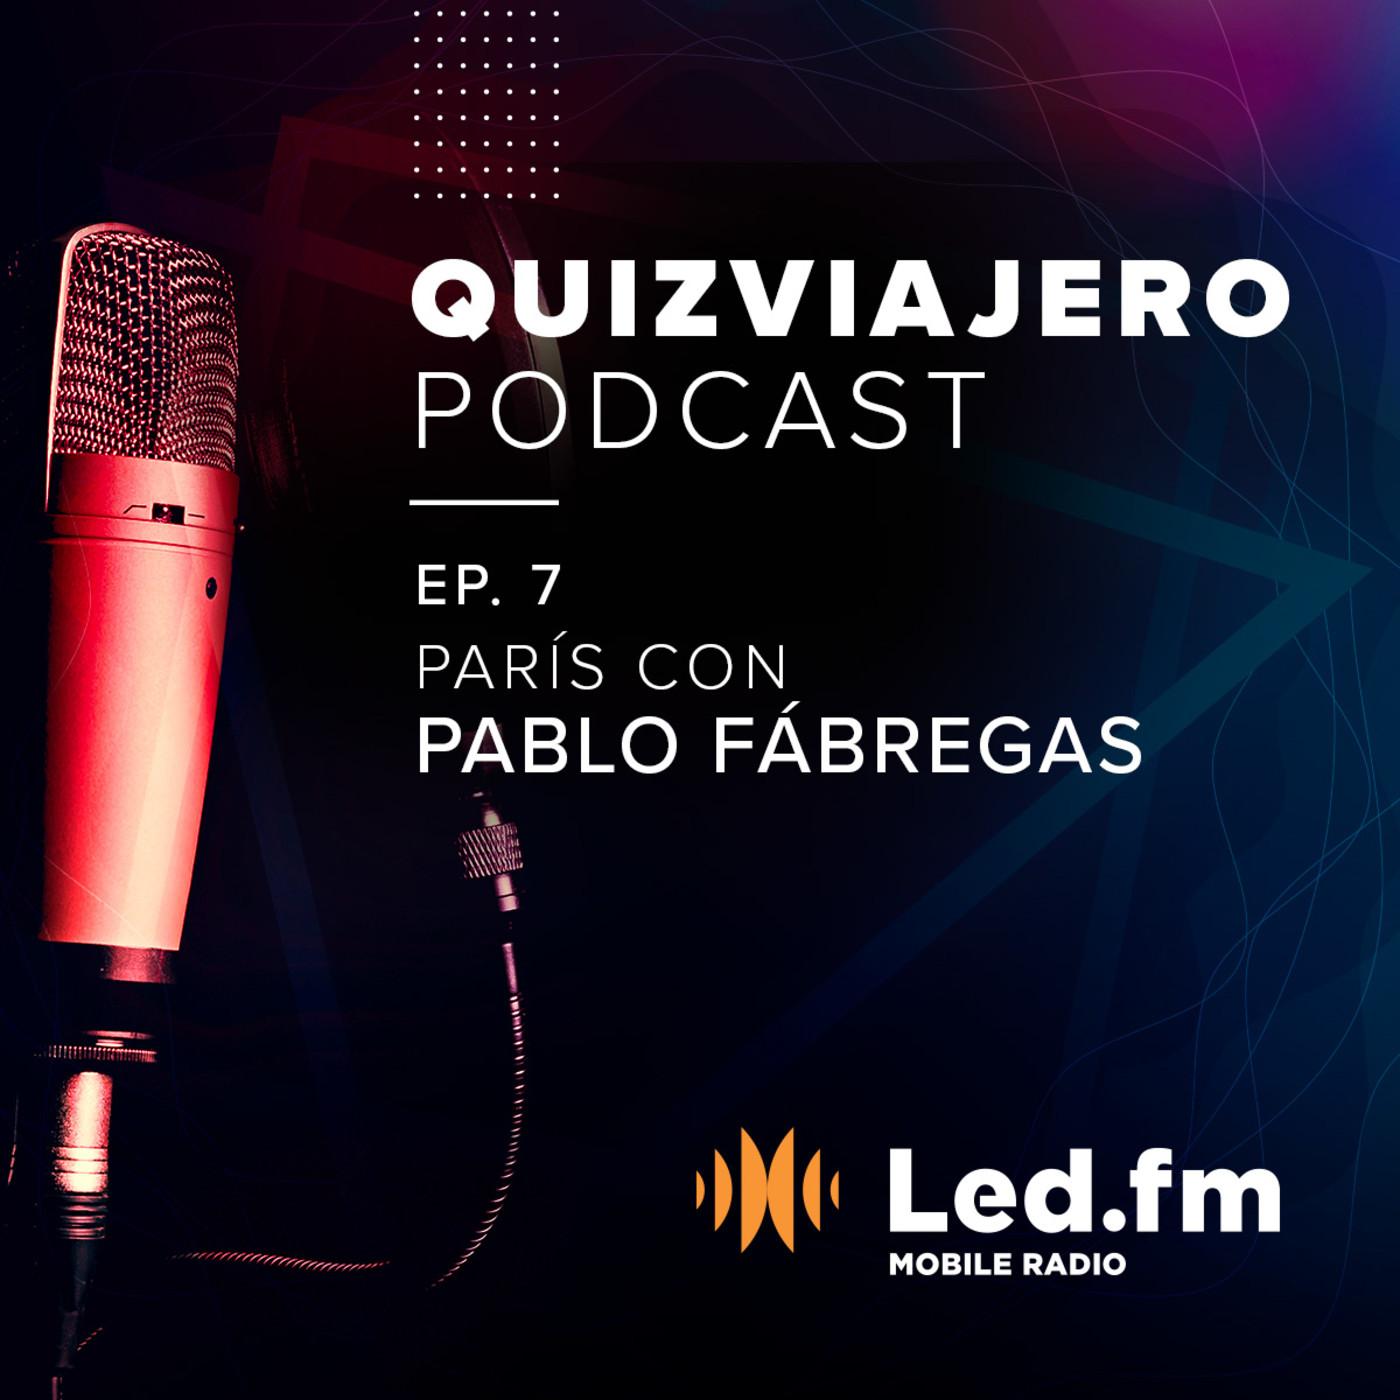 Quiz Viajero Podcast - Episodio 07: París